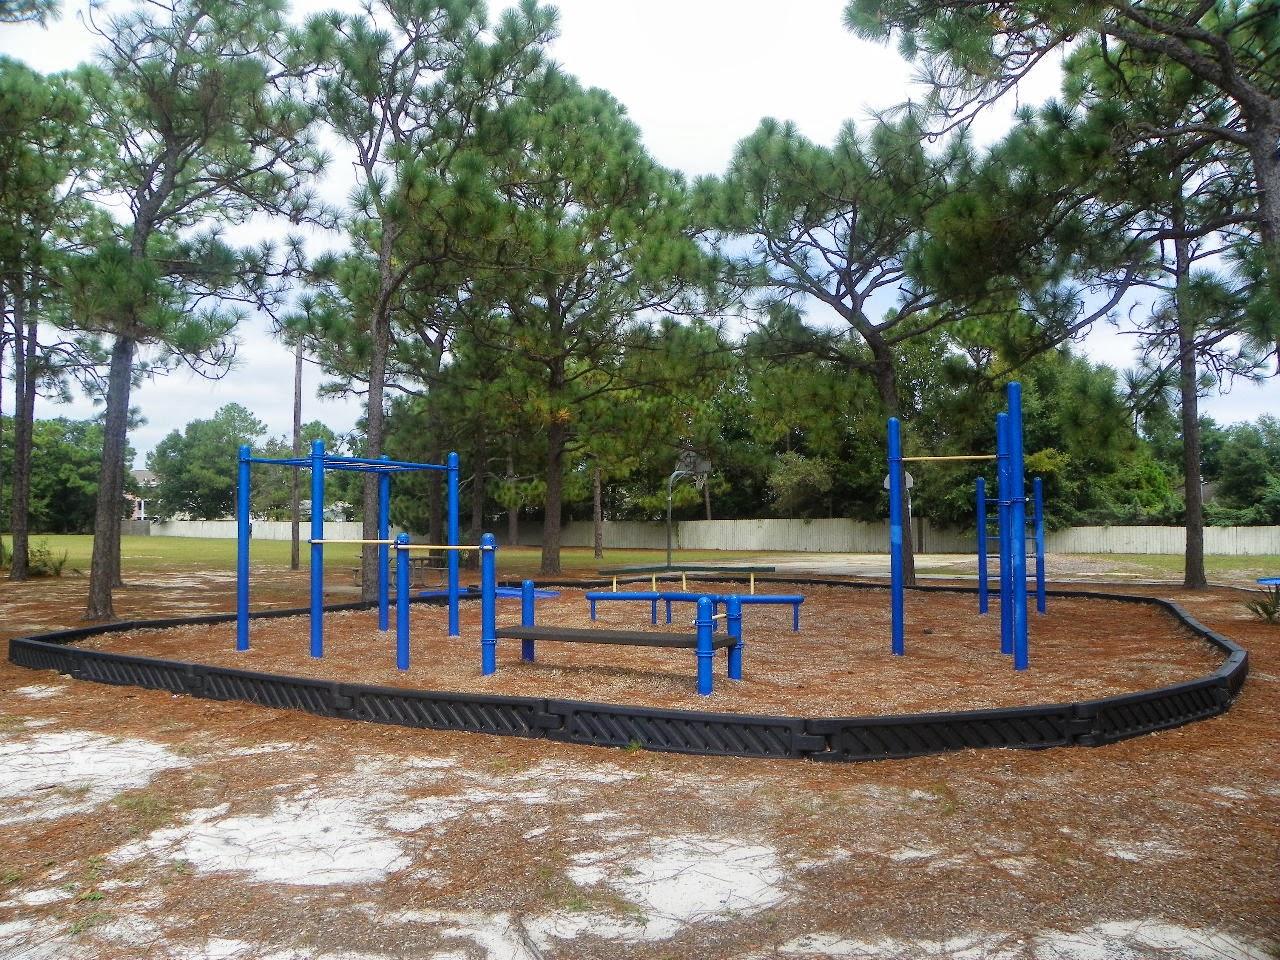 Dog Playground Equipment Backyard Mallory heights playground